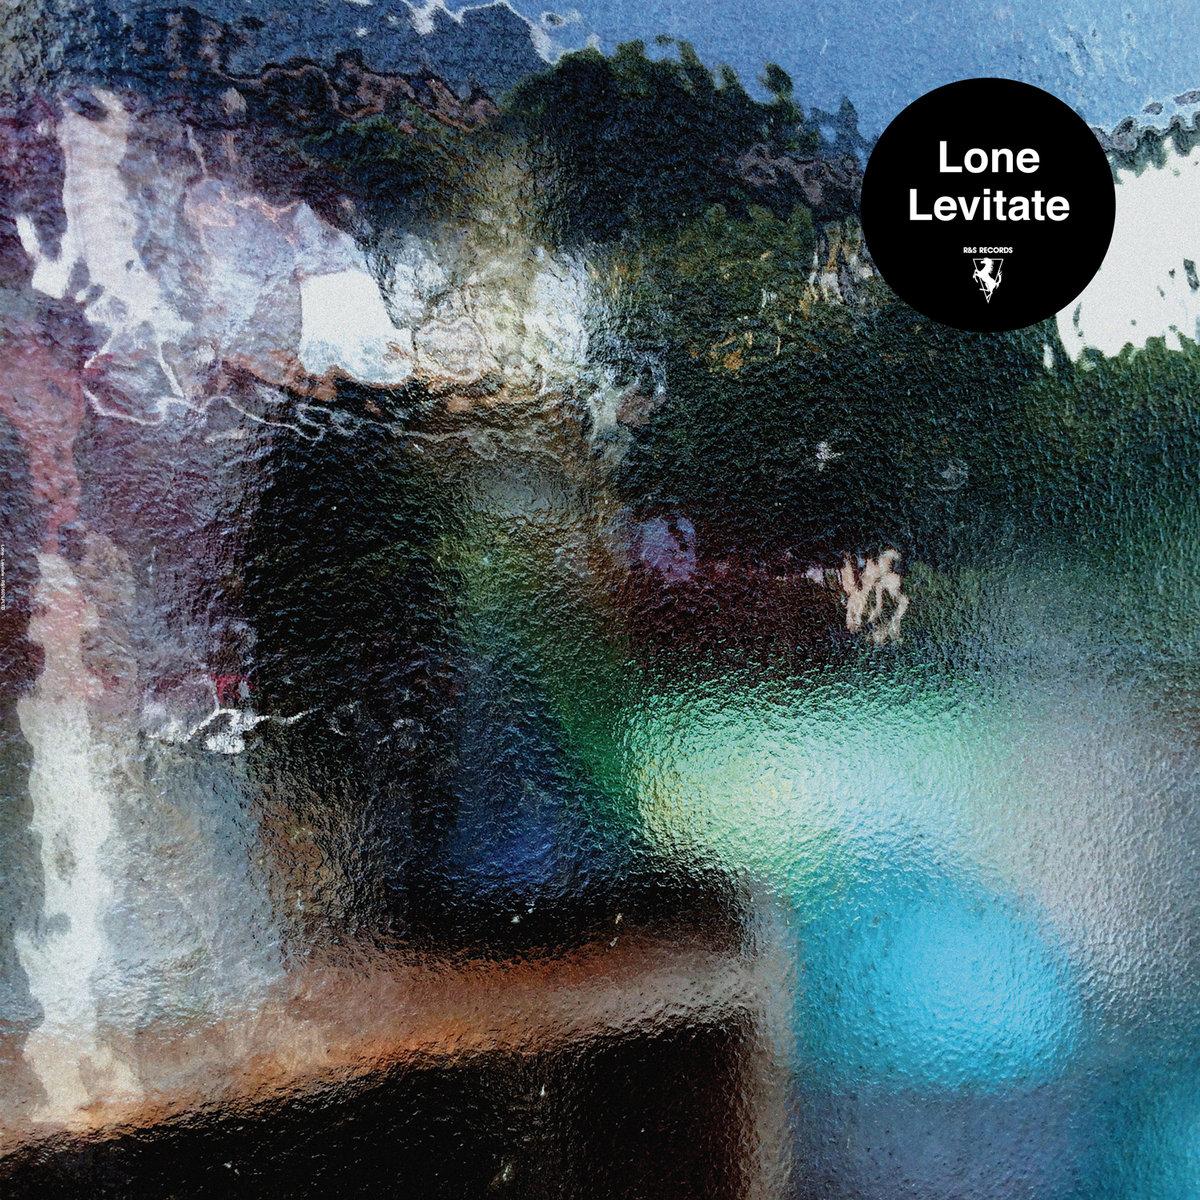 Lone - Levitate